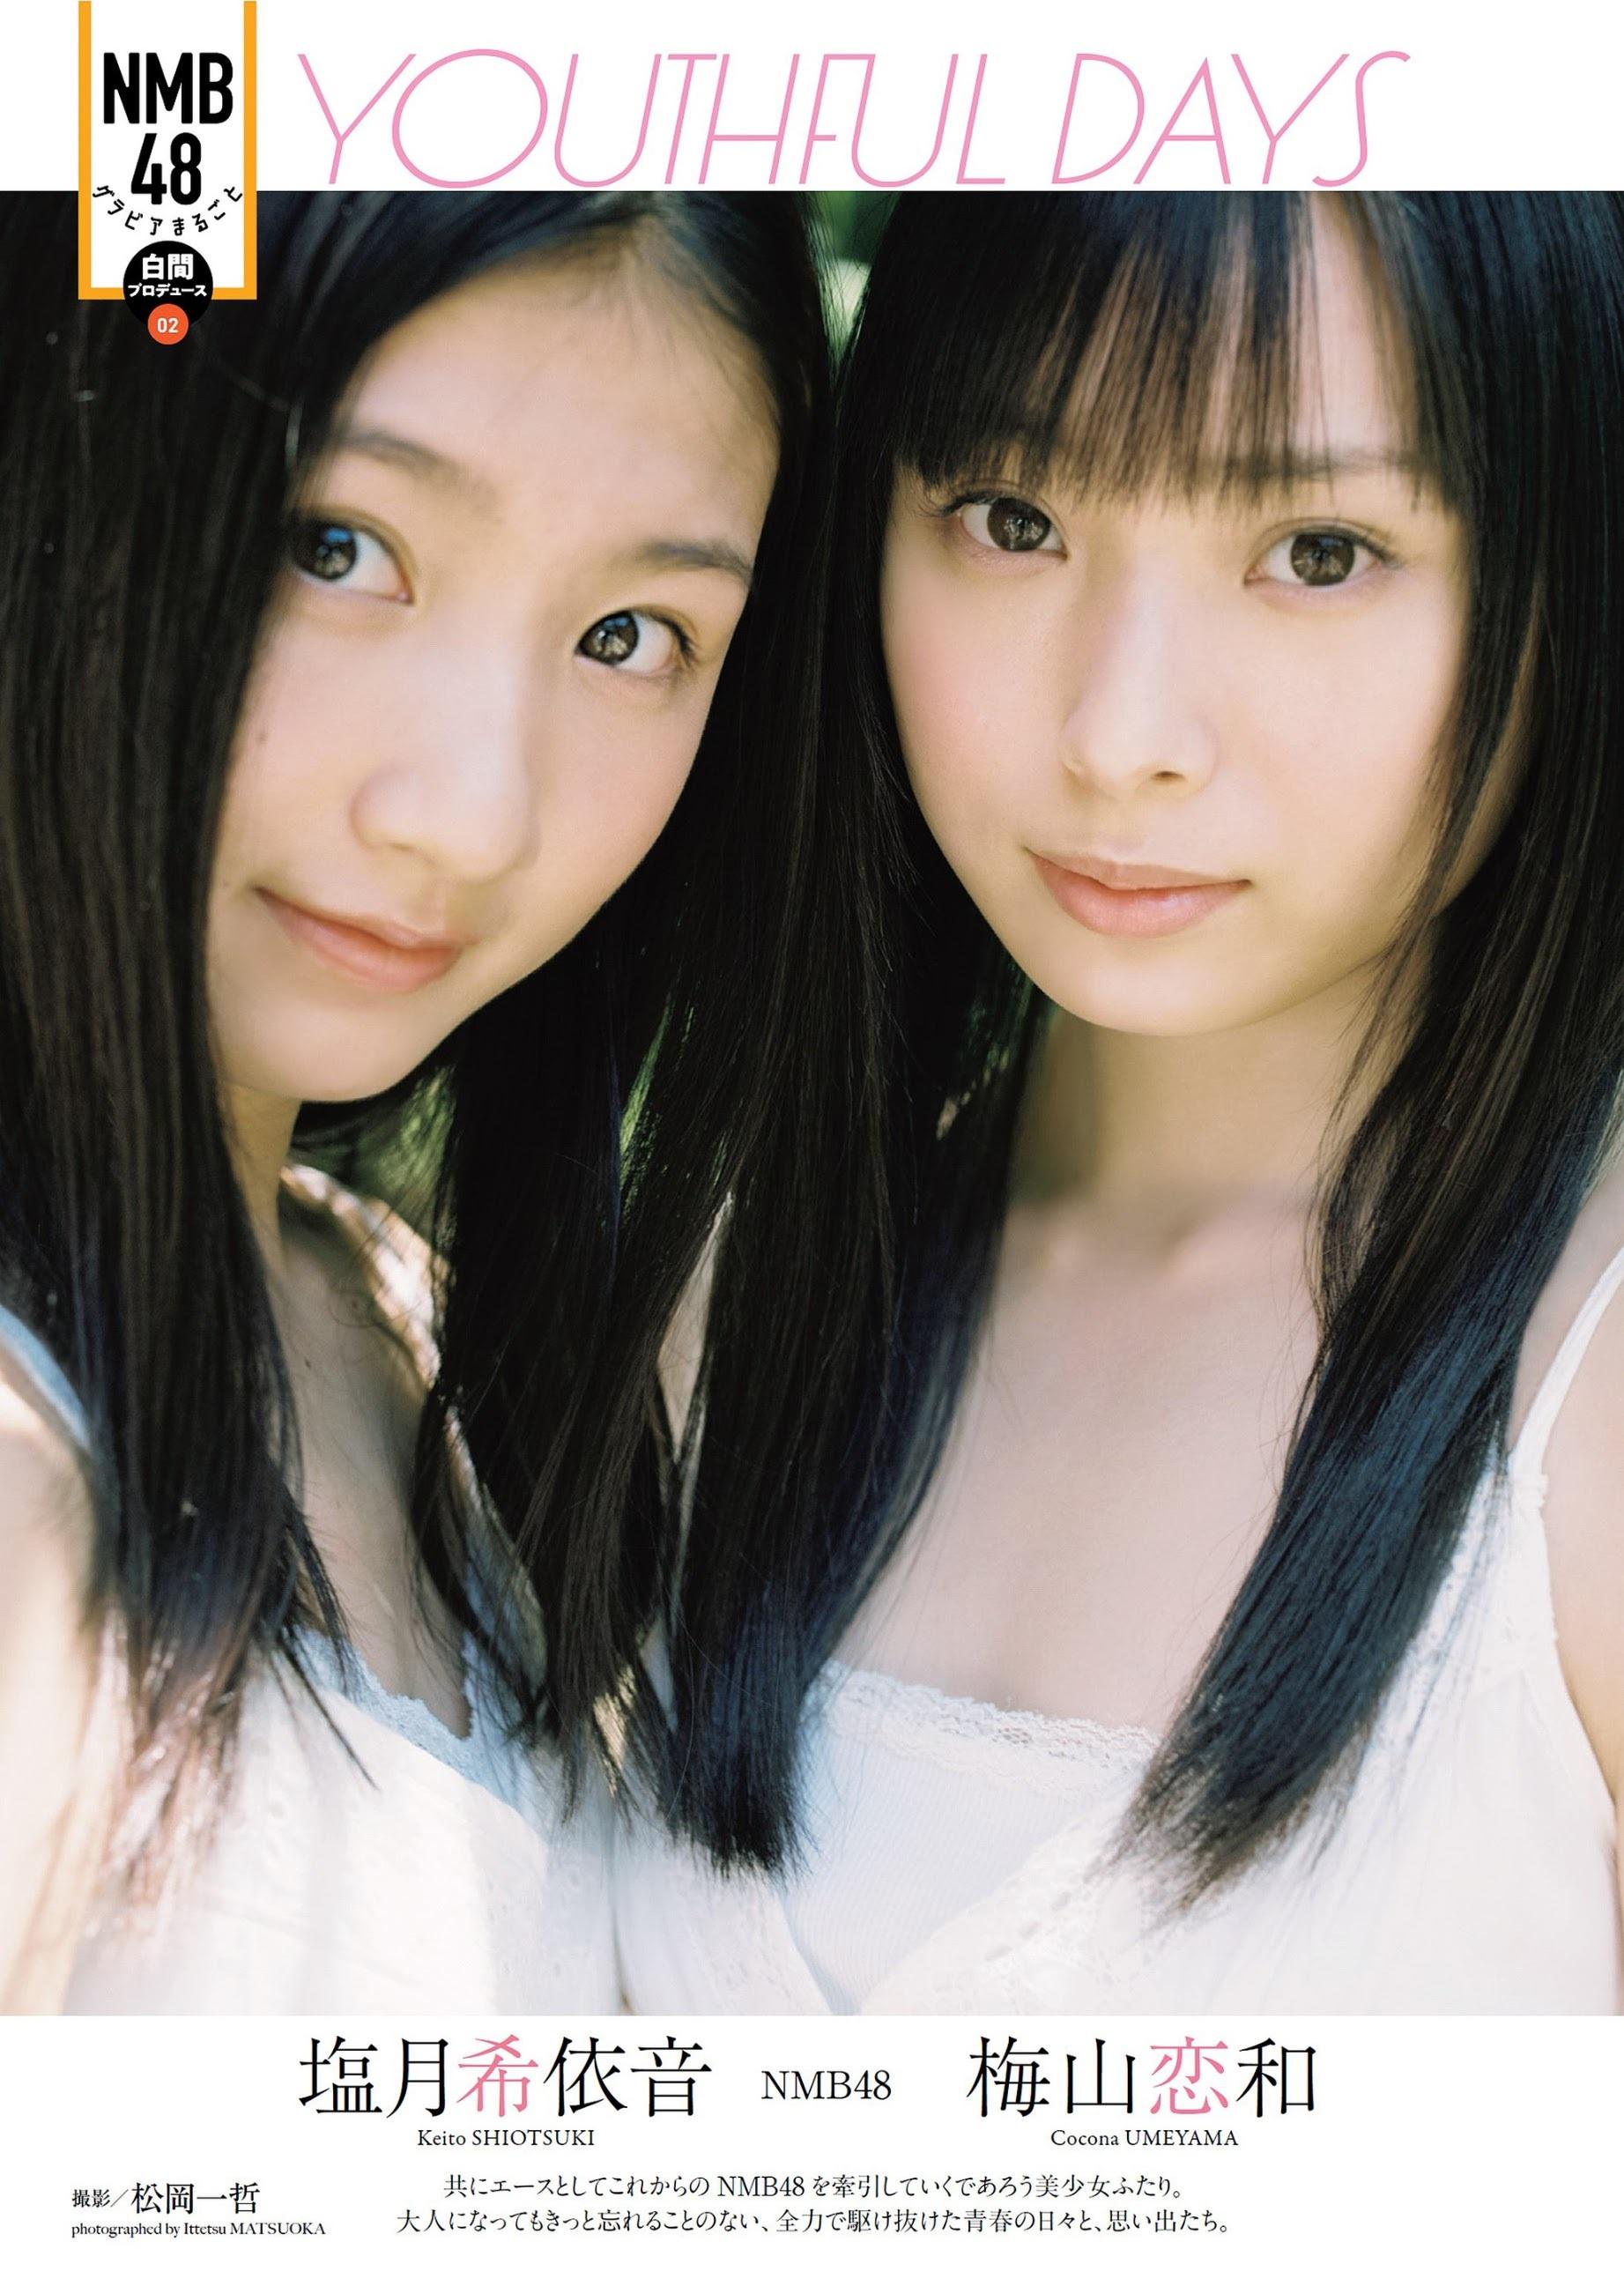 梅山恋和19